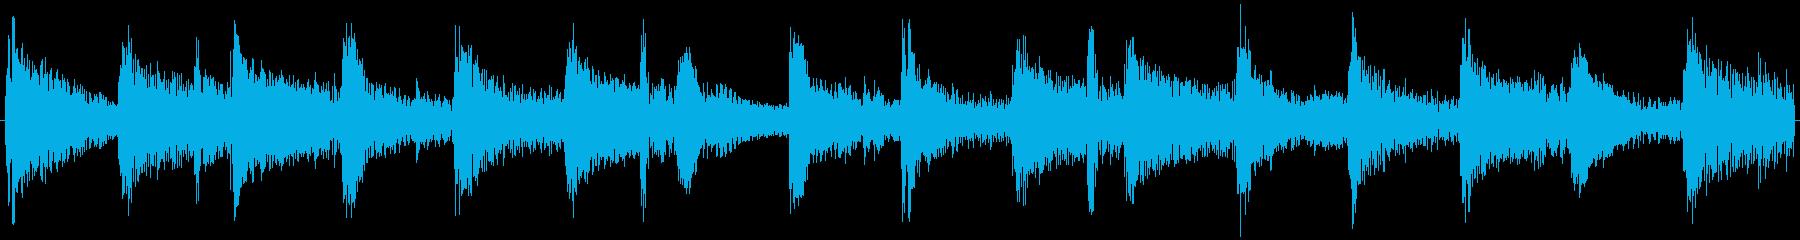 129bpmAbMajシャッフルジャズ円の再生済みの波形